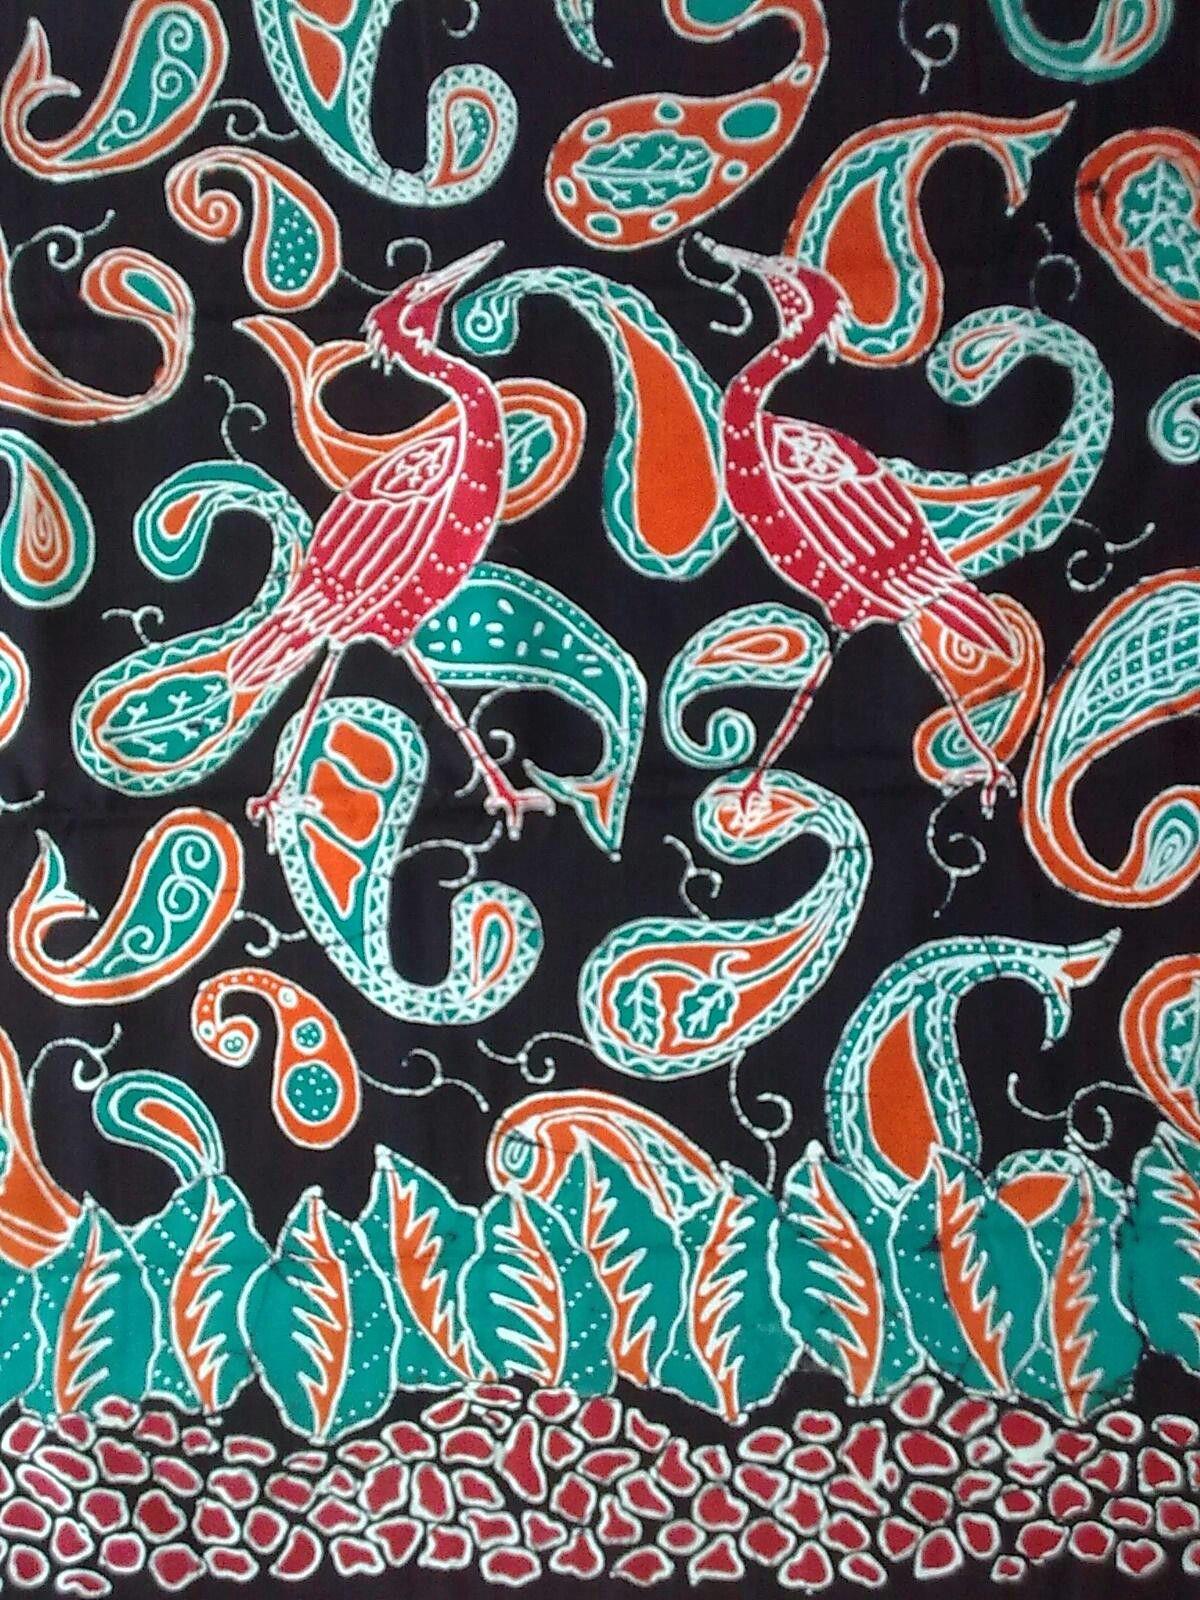 Batik tulis jember motif ekor daun | Seni, Desain, Galeri